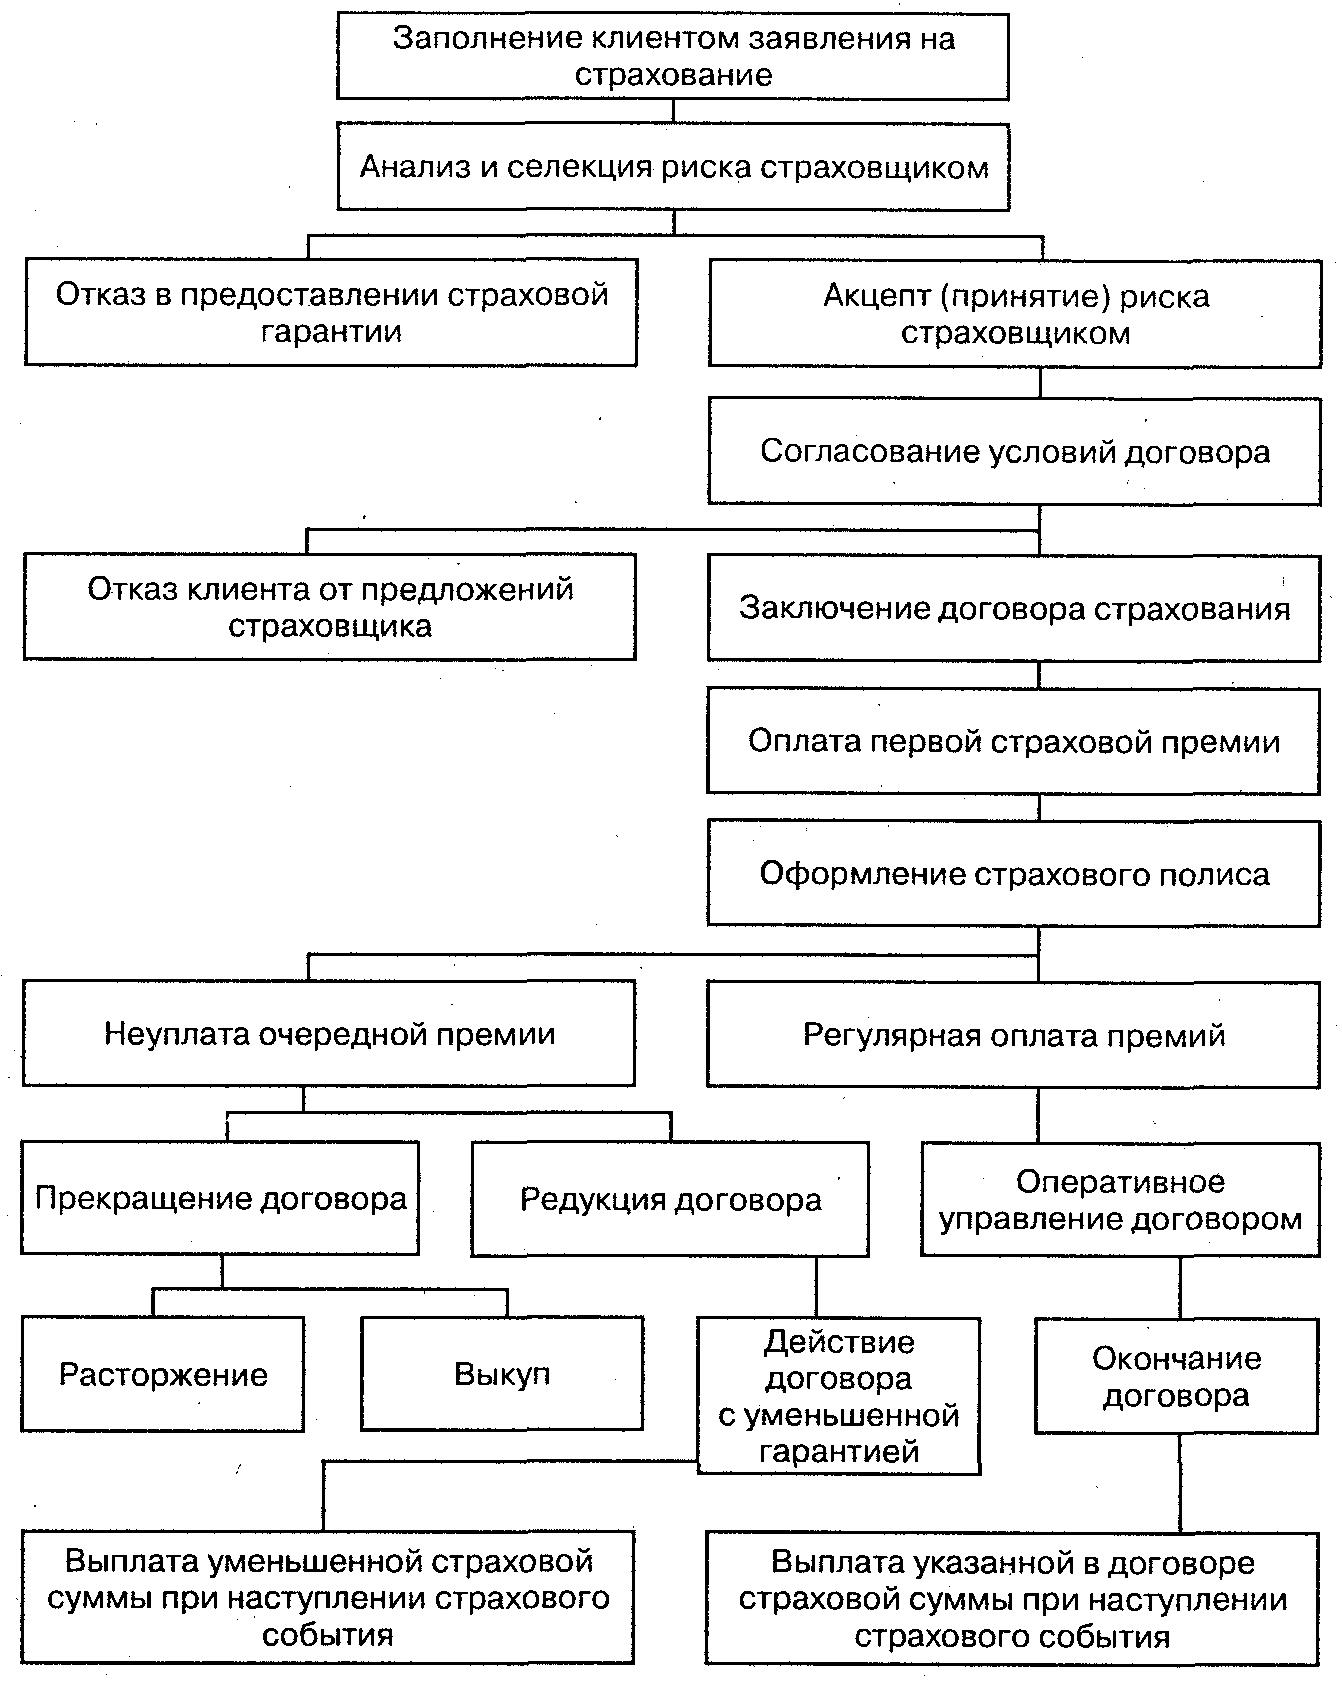 методические рекомендации по заключению договоров страхования